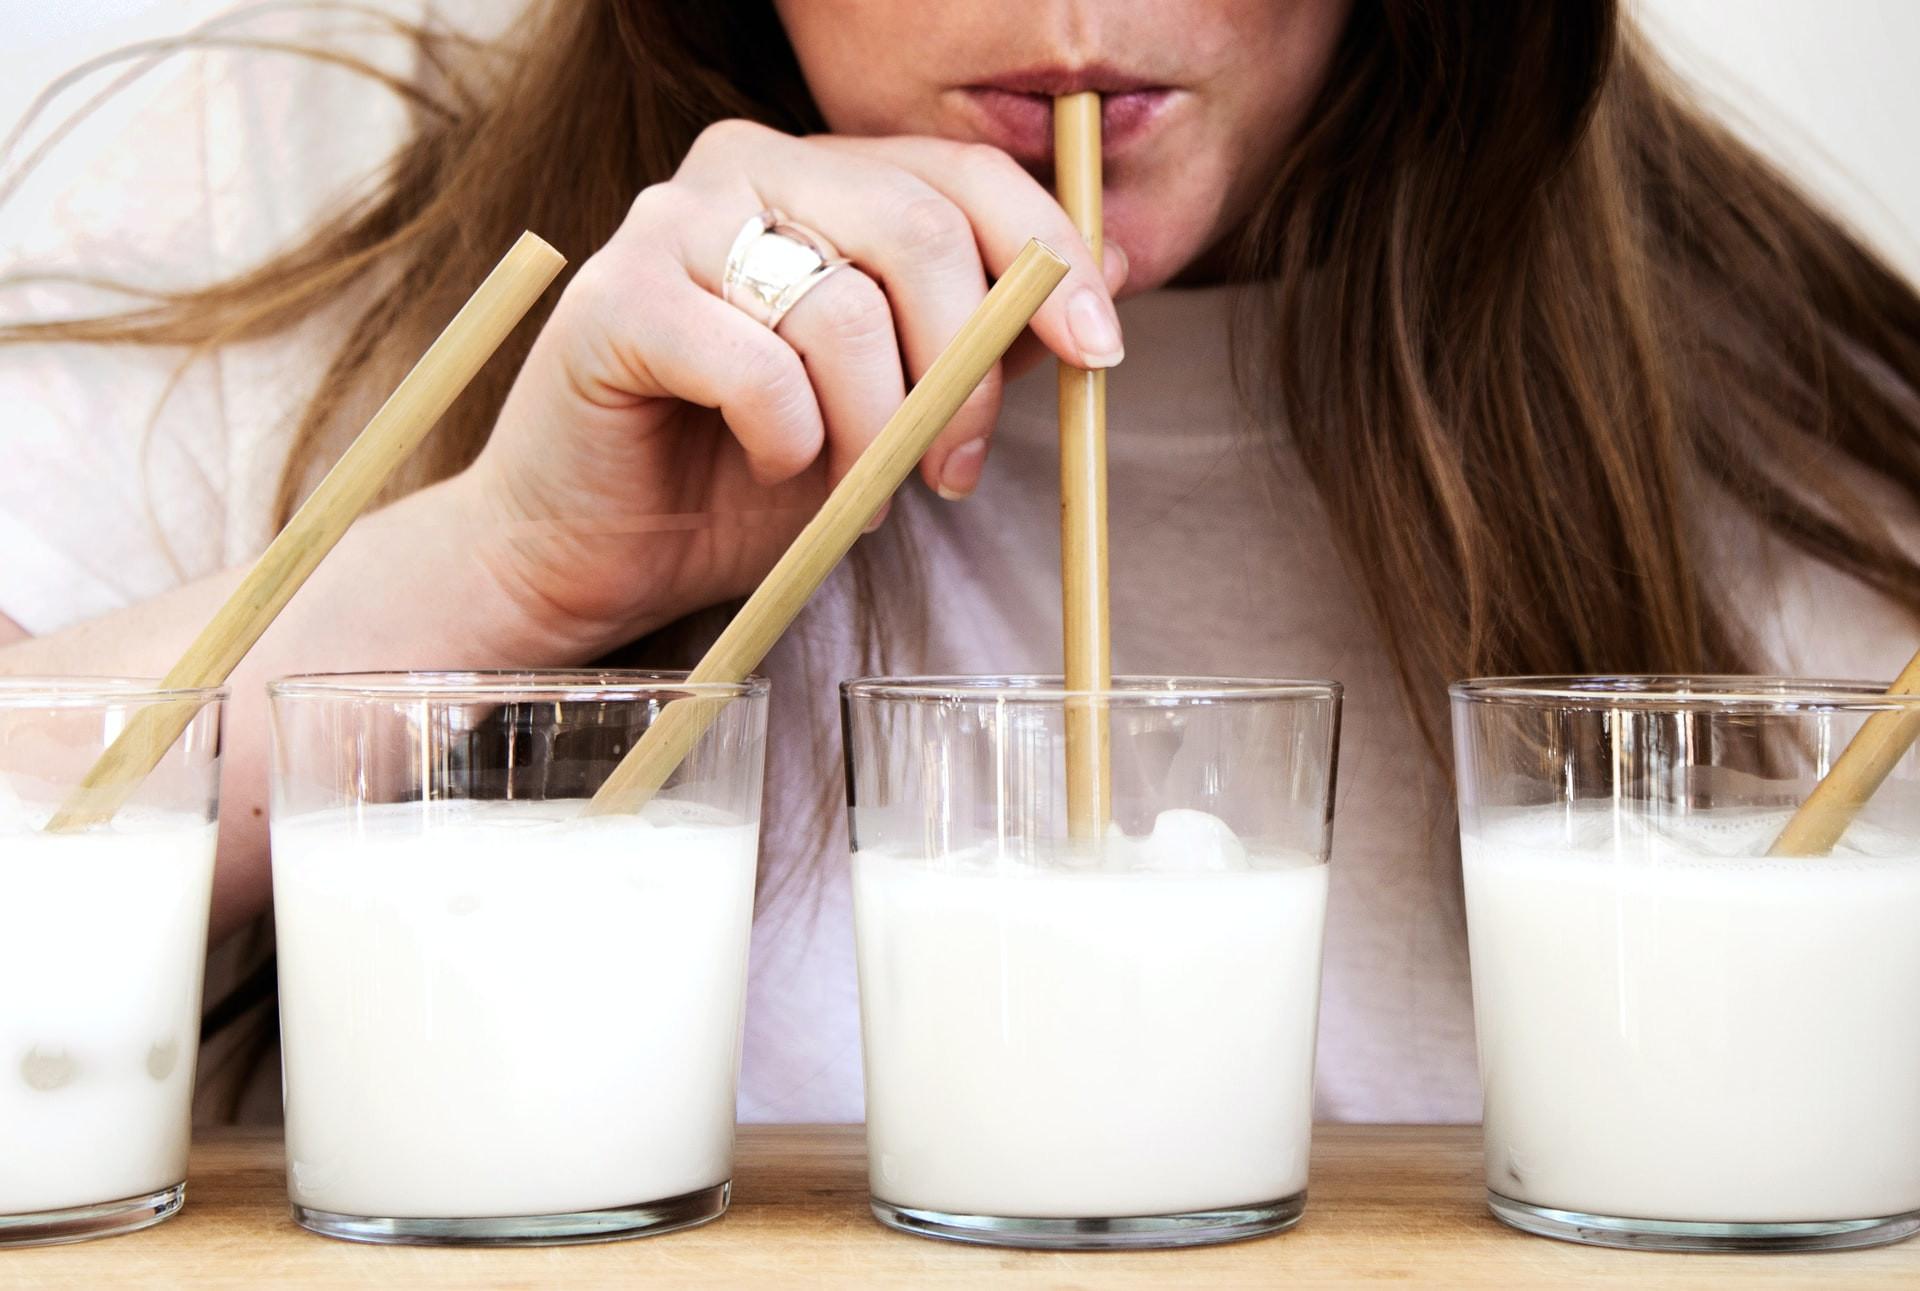 Laktoseintoleranz: Mythen und Irrtümer